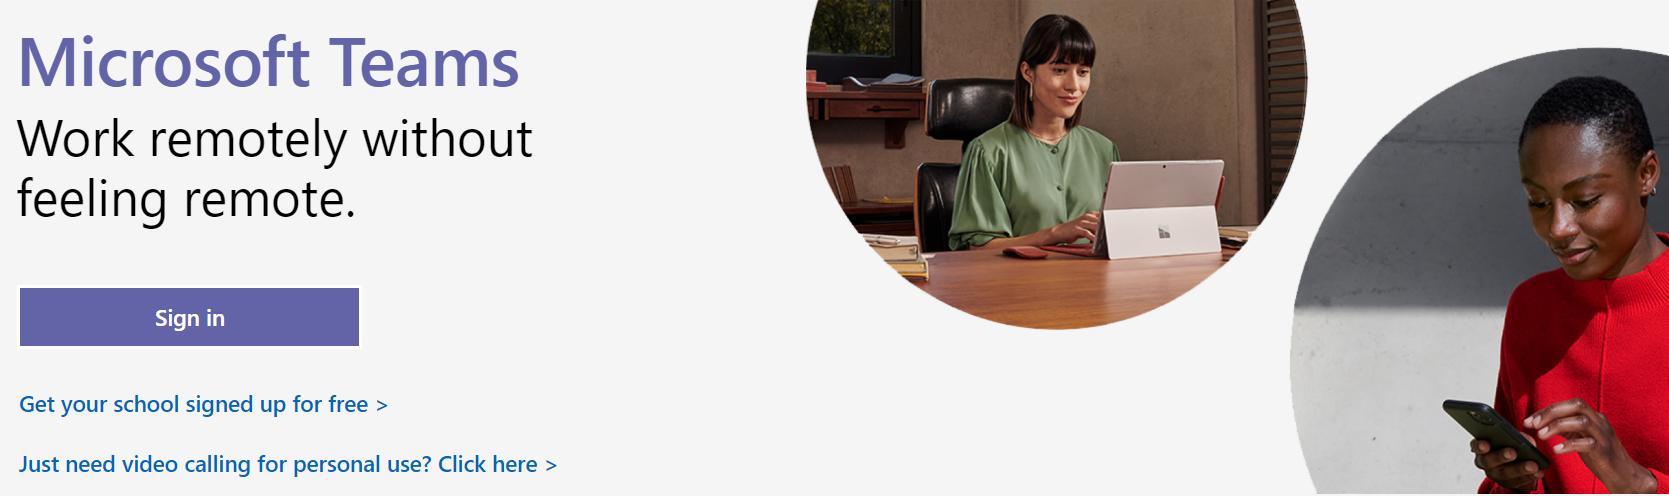 Teletrabajo con Temas de Microsoft